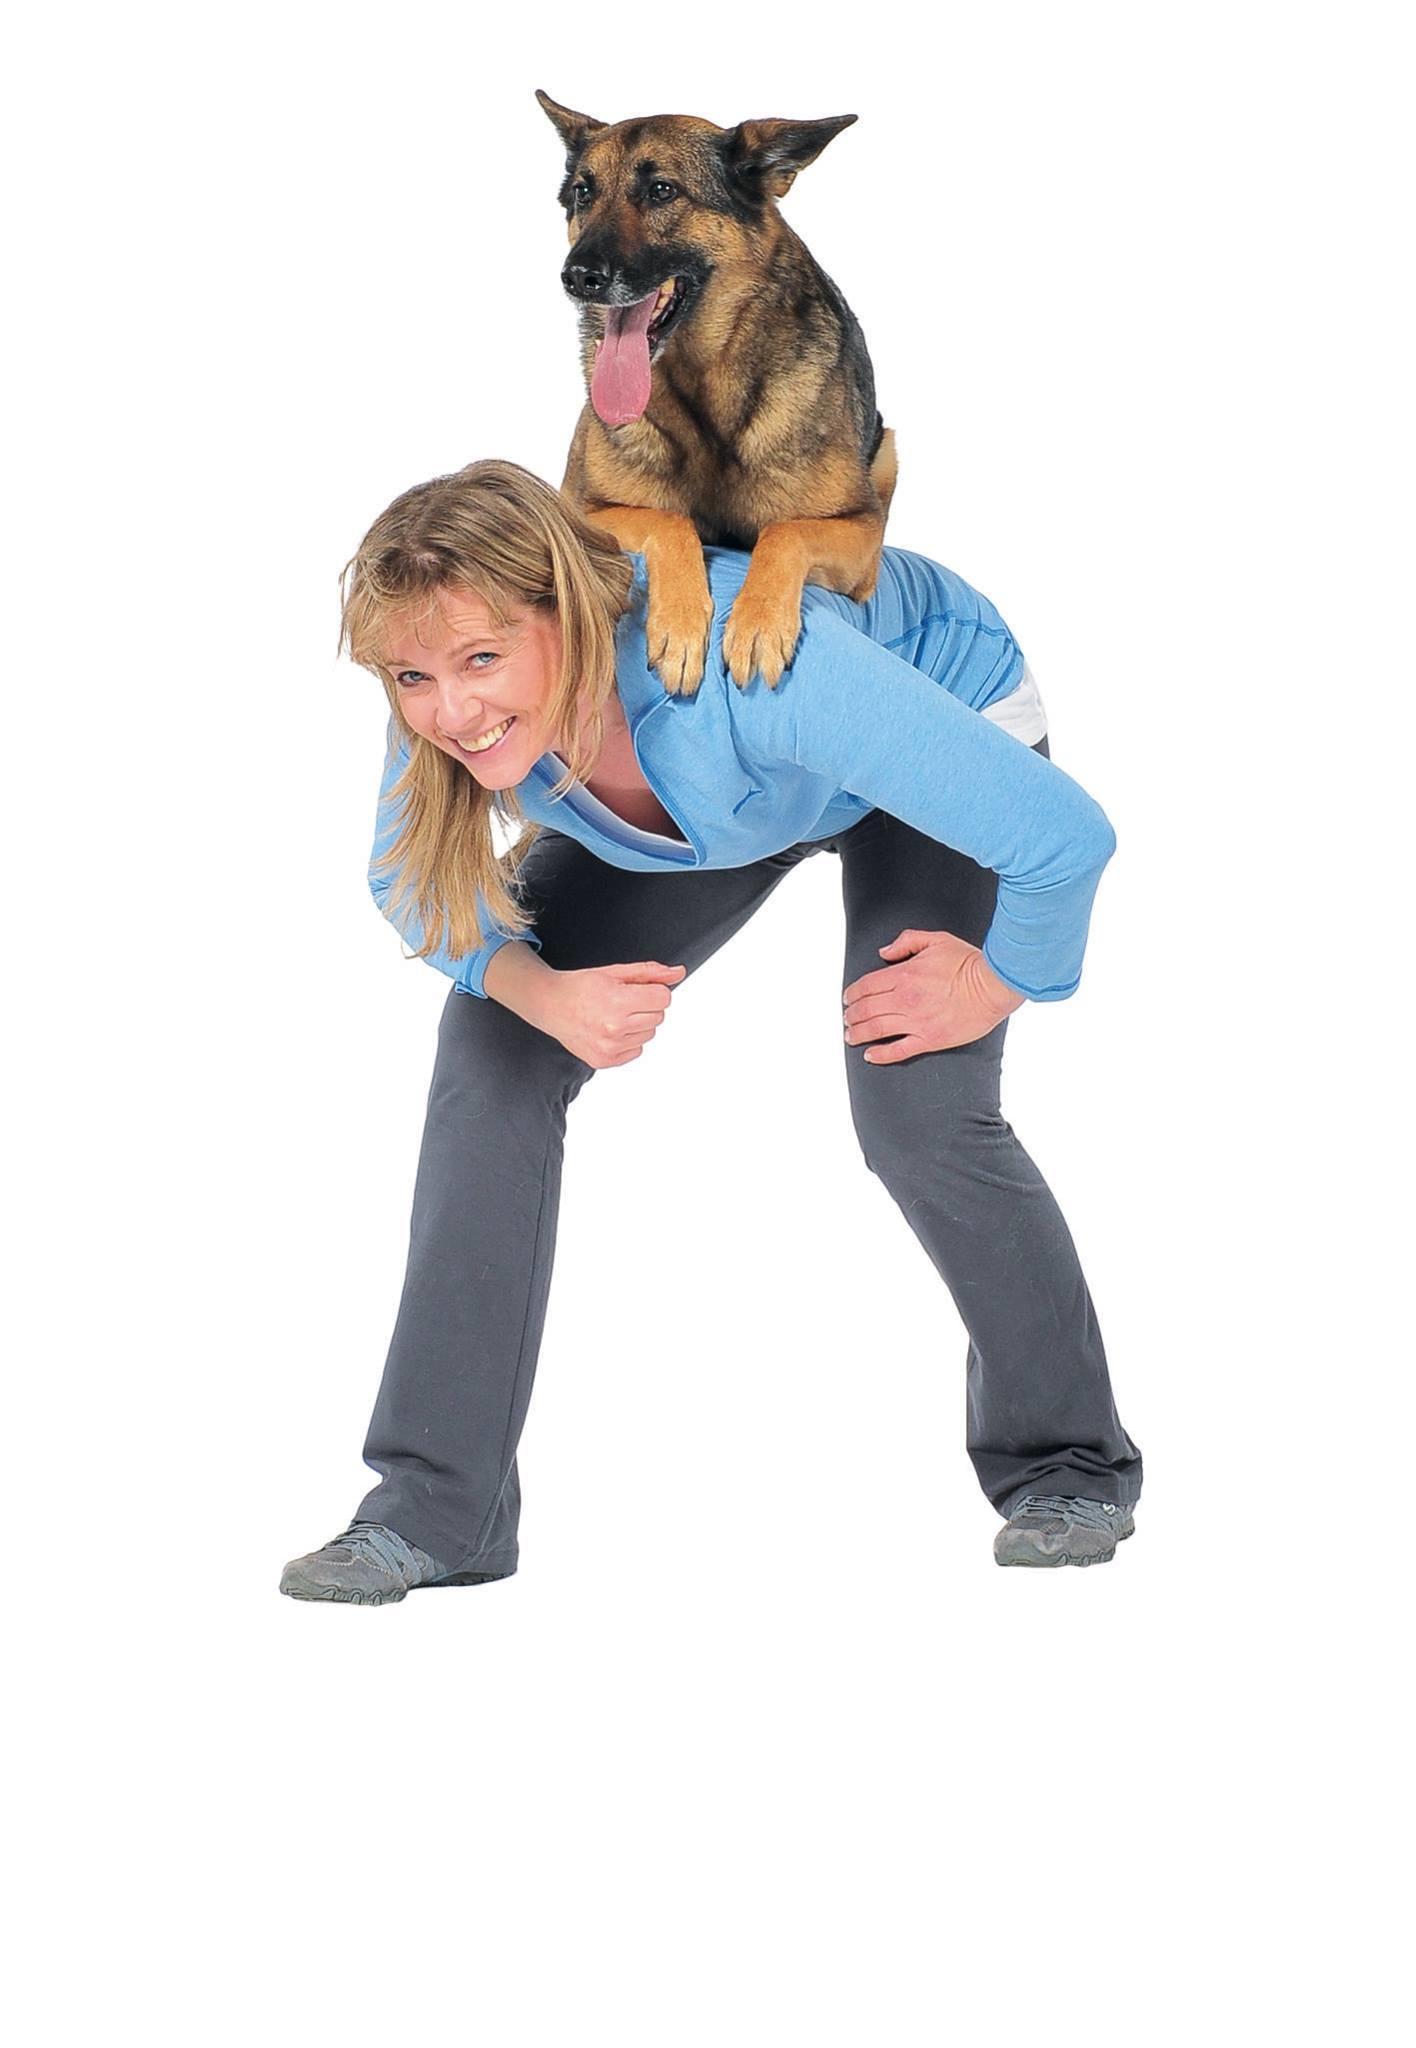 Guiding Light Dog Training